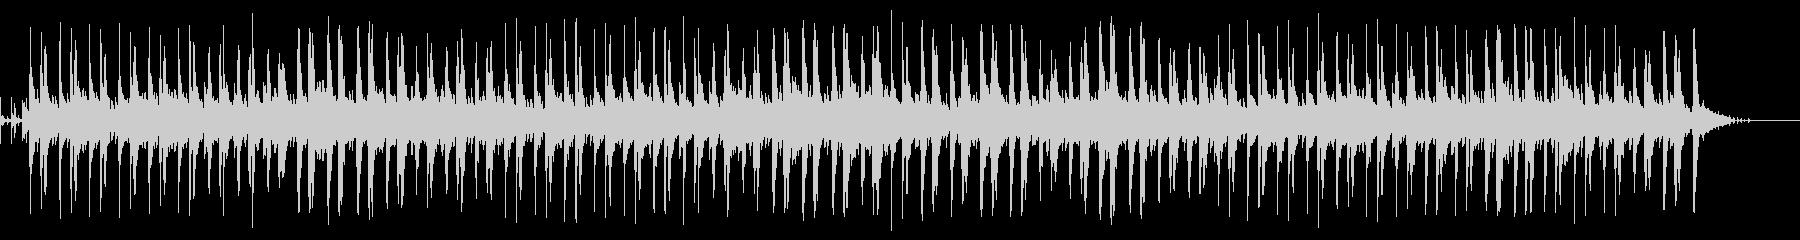 スピークロウ ~ボサノヴァバージョン~の未再生の波形